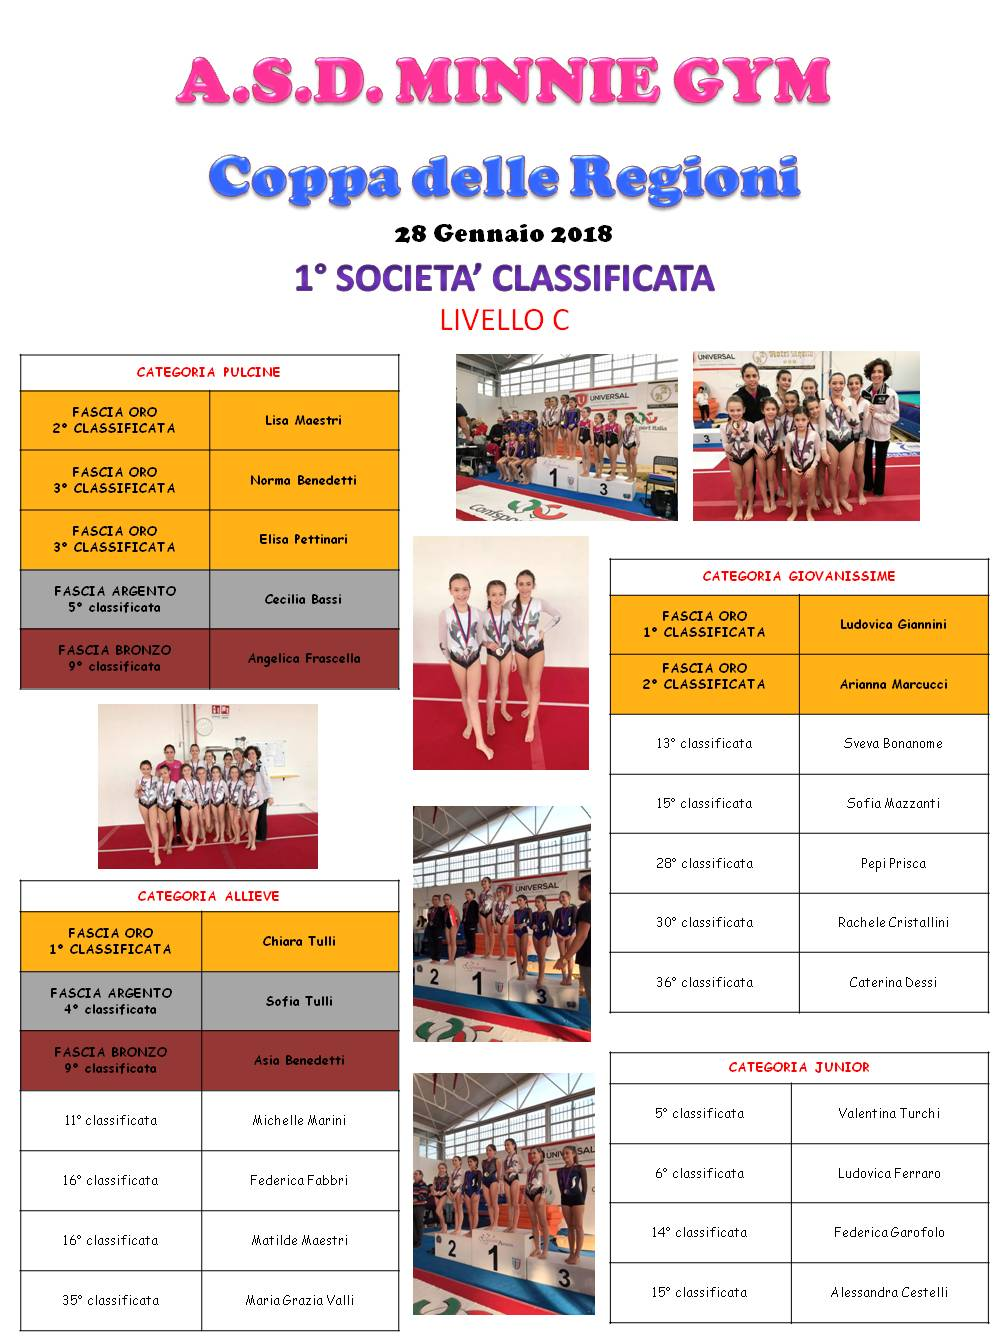 Cartellone Coppa delle Regioni Livello C Minnie Gym